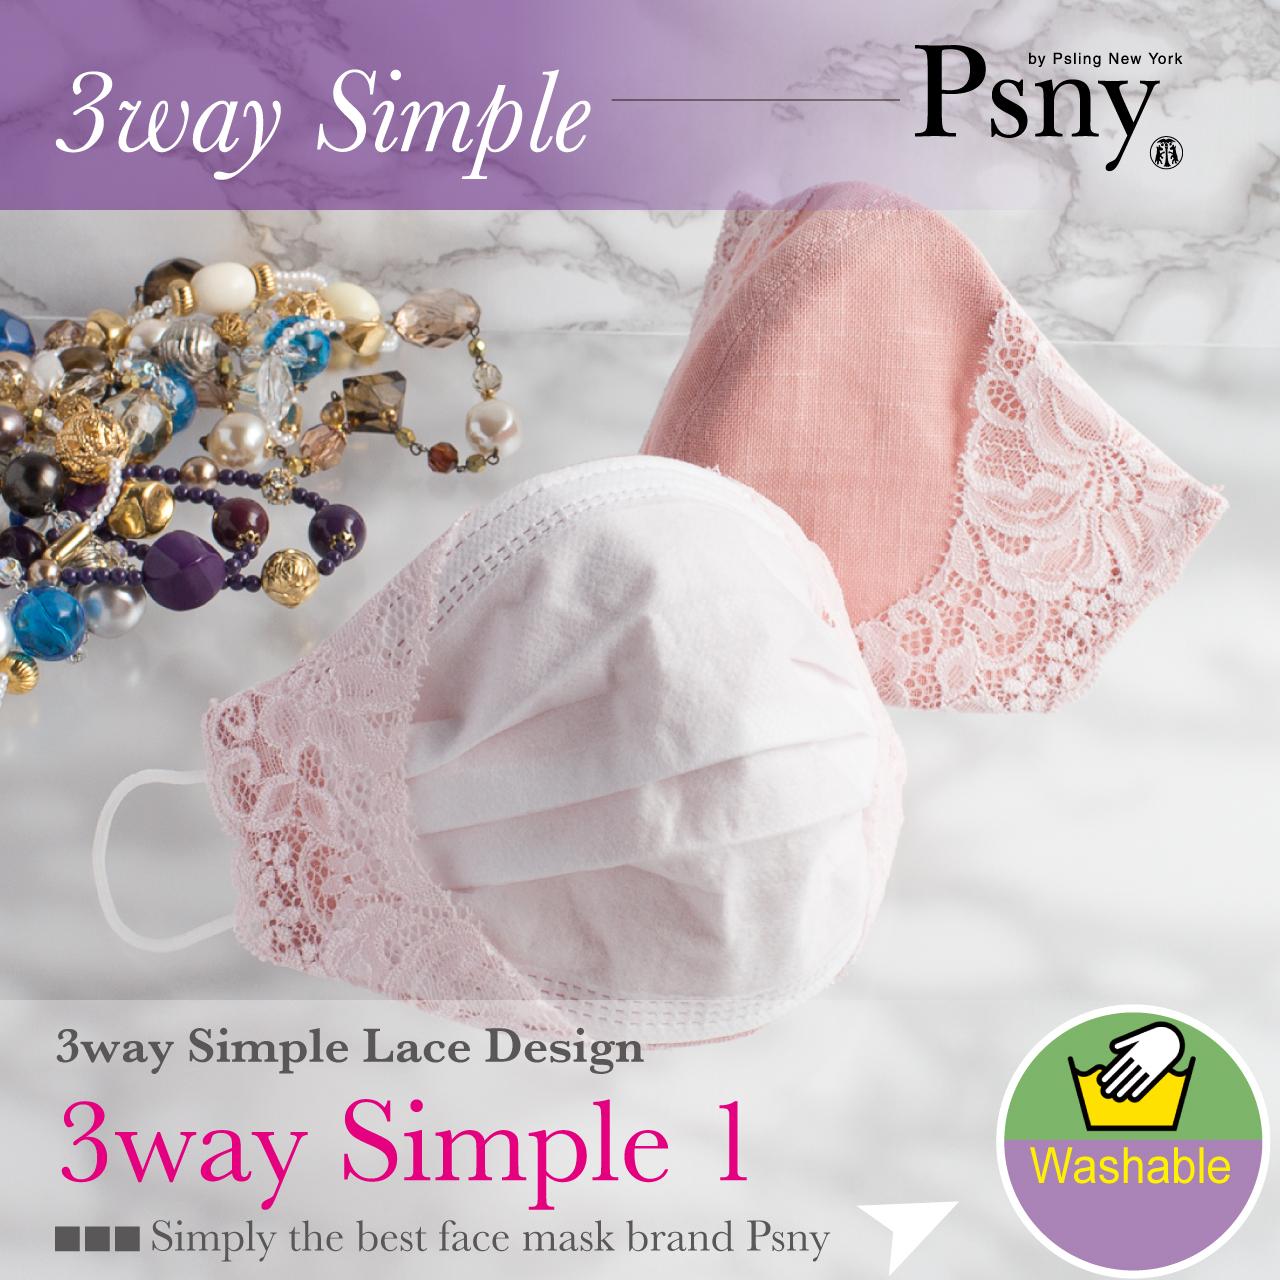 PSNY 3way シンプル レース 1 不織布マスクを美しくするマスクカバー 立体 大人用 送料無料 2W1